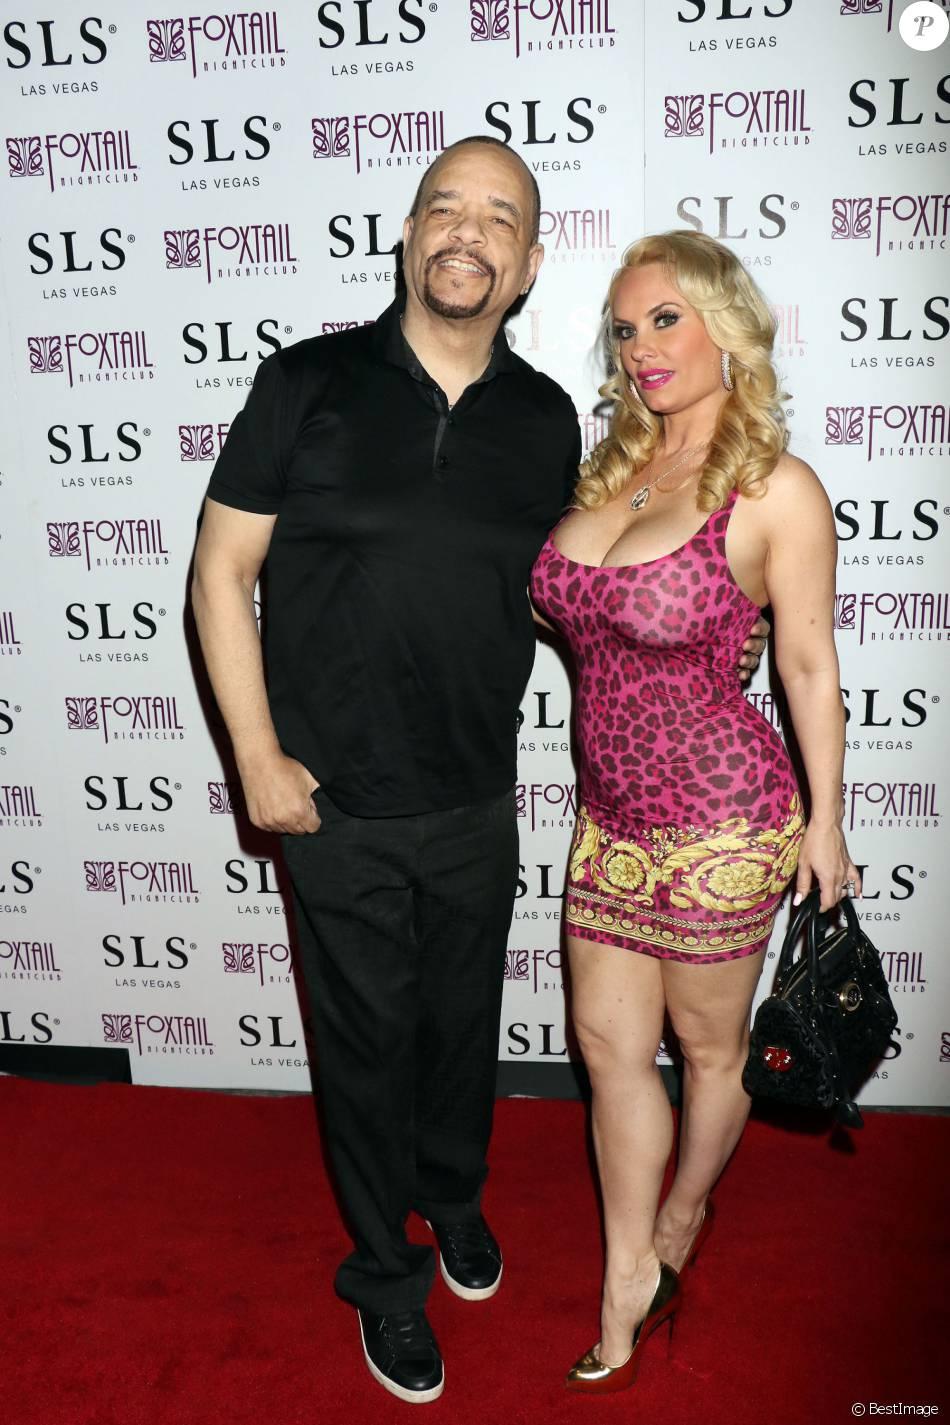 Le rappeur Ice-T et sa femme Coco Austin posent à la boîte de nuit ...